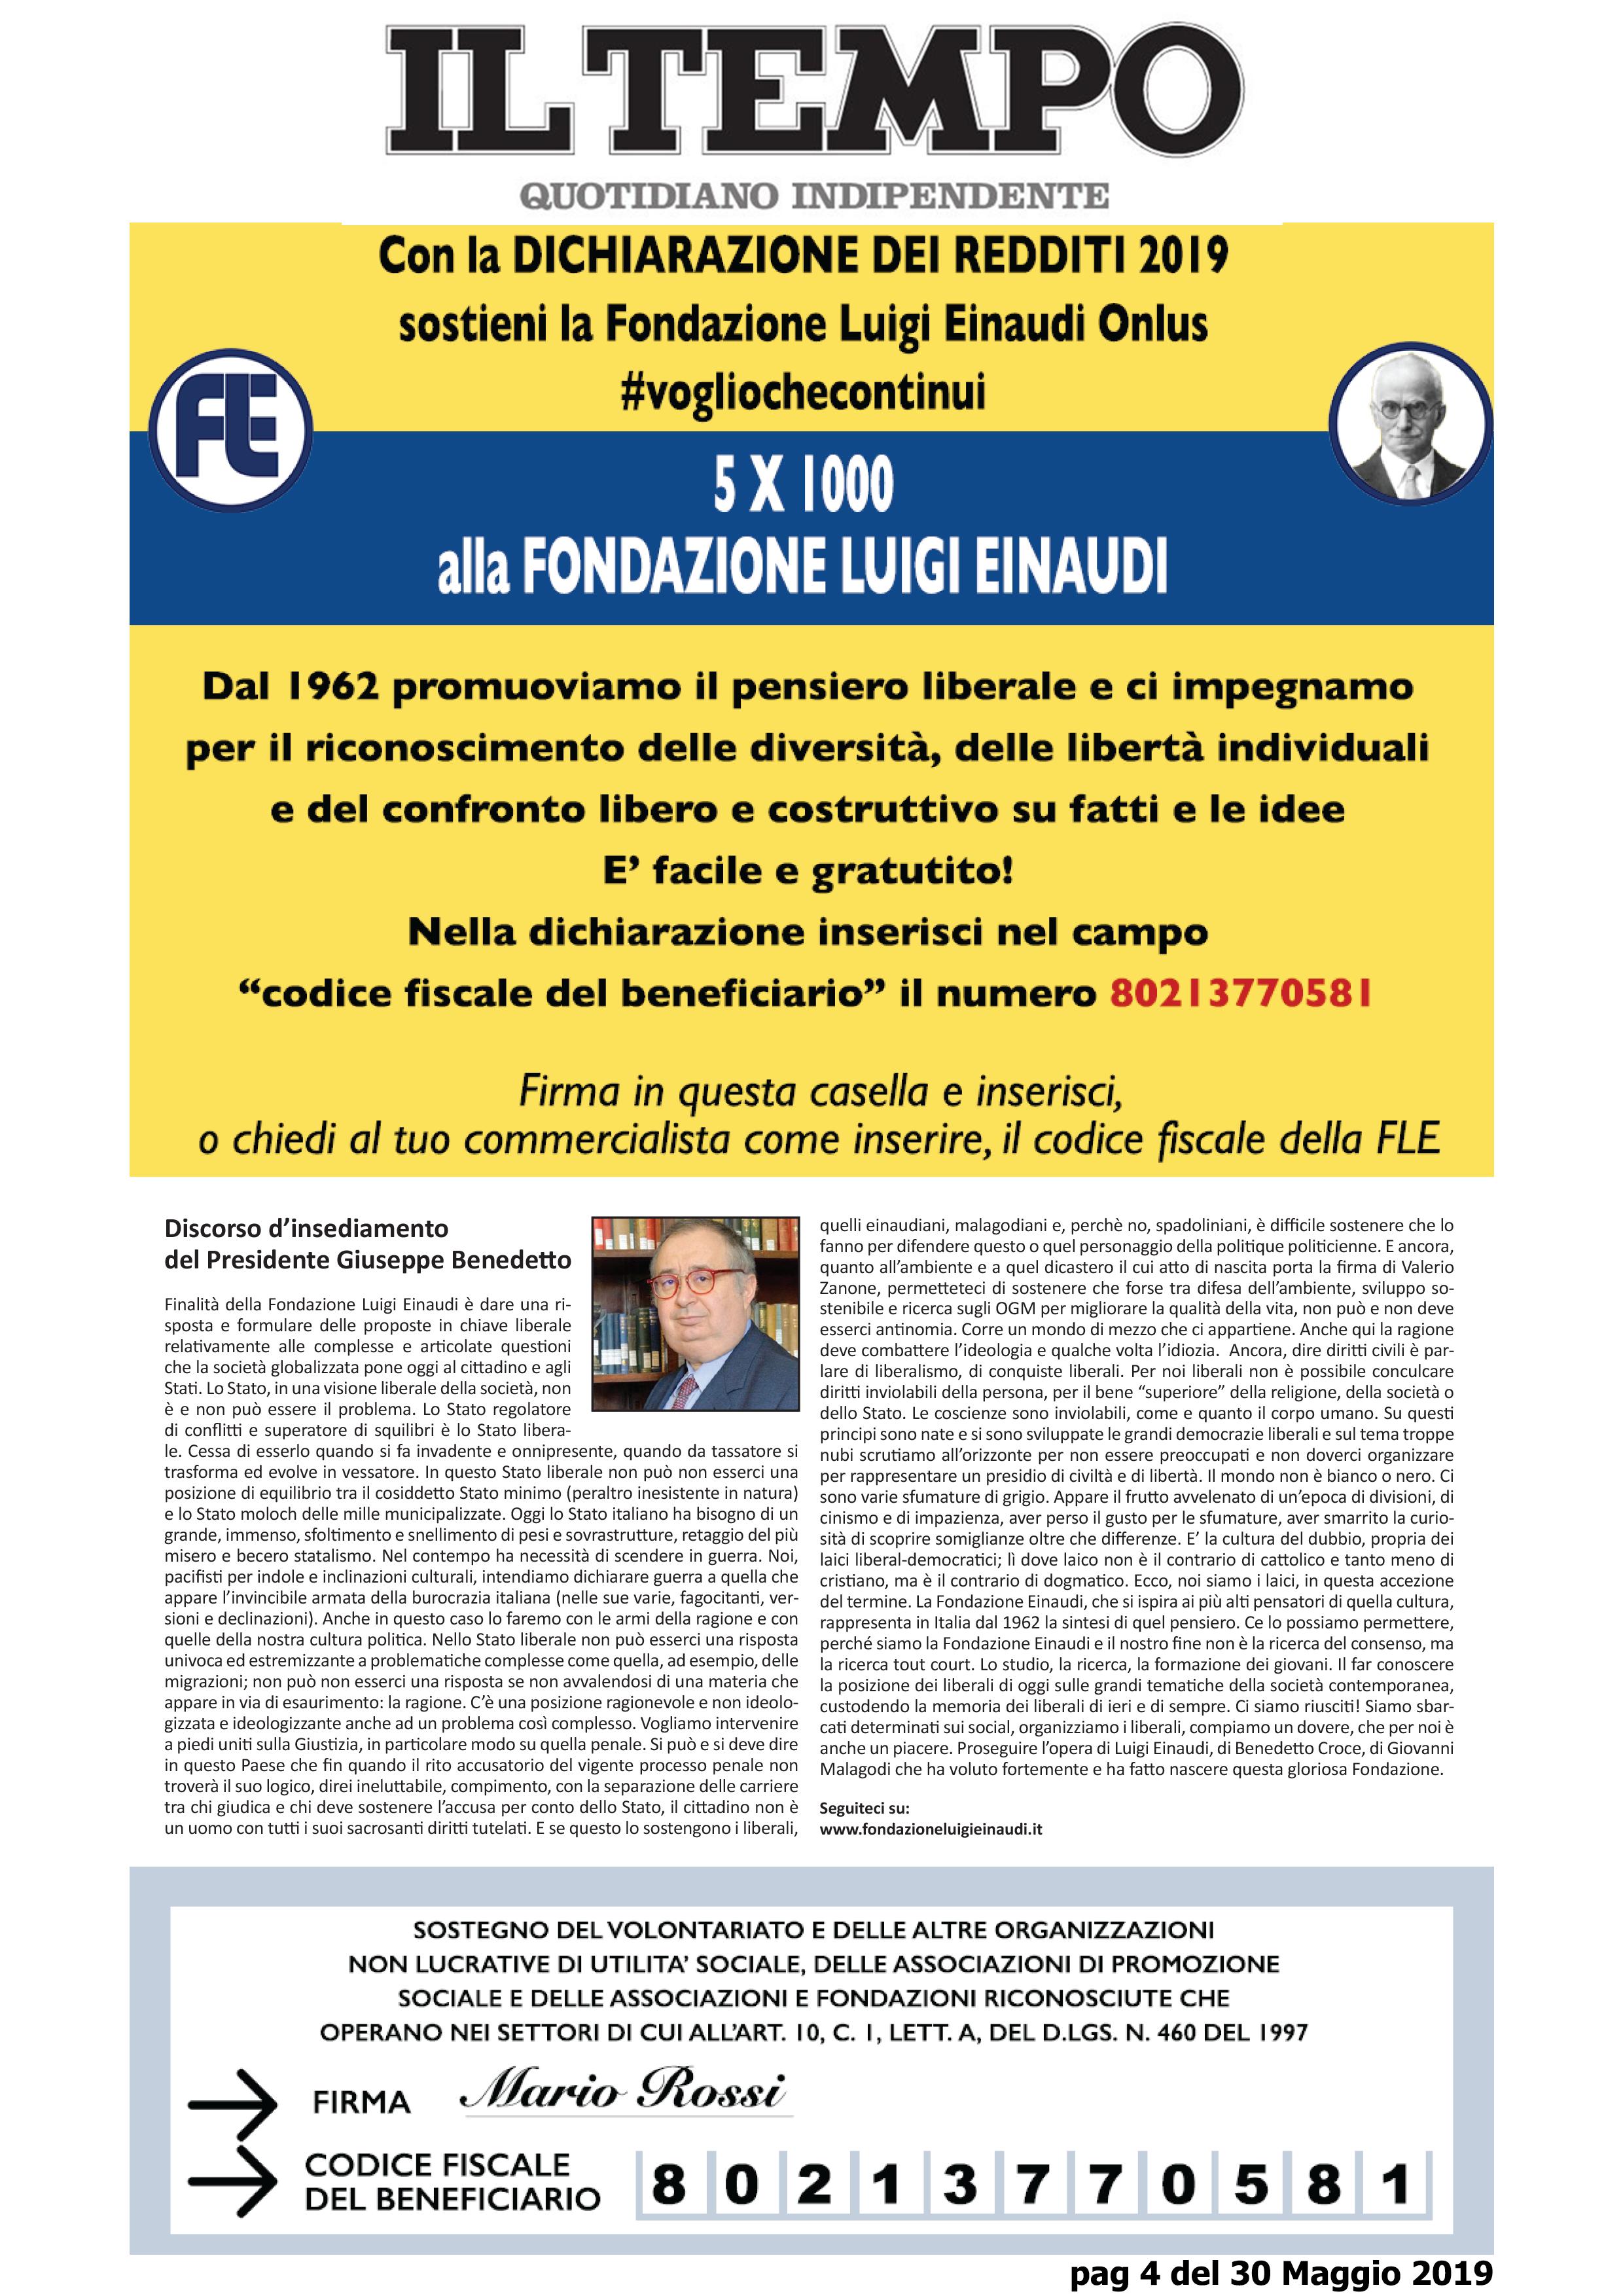 Today the Luigi Einaudi Foundation in Tempo on page 4